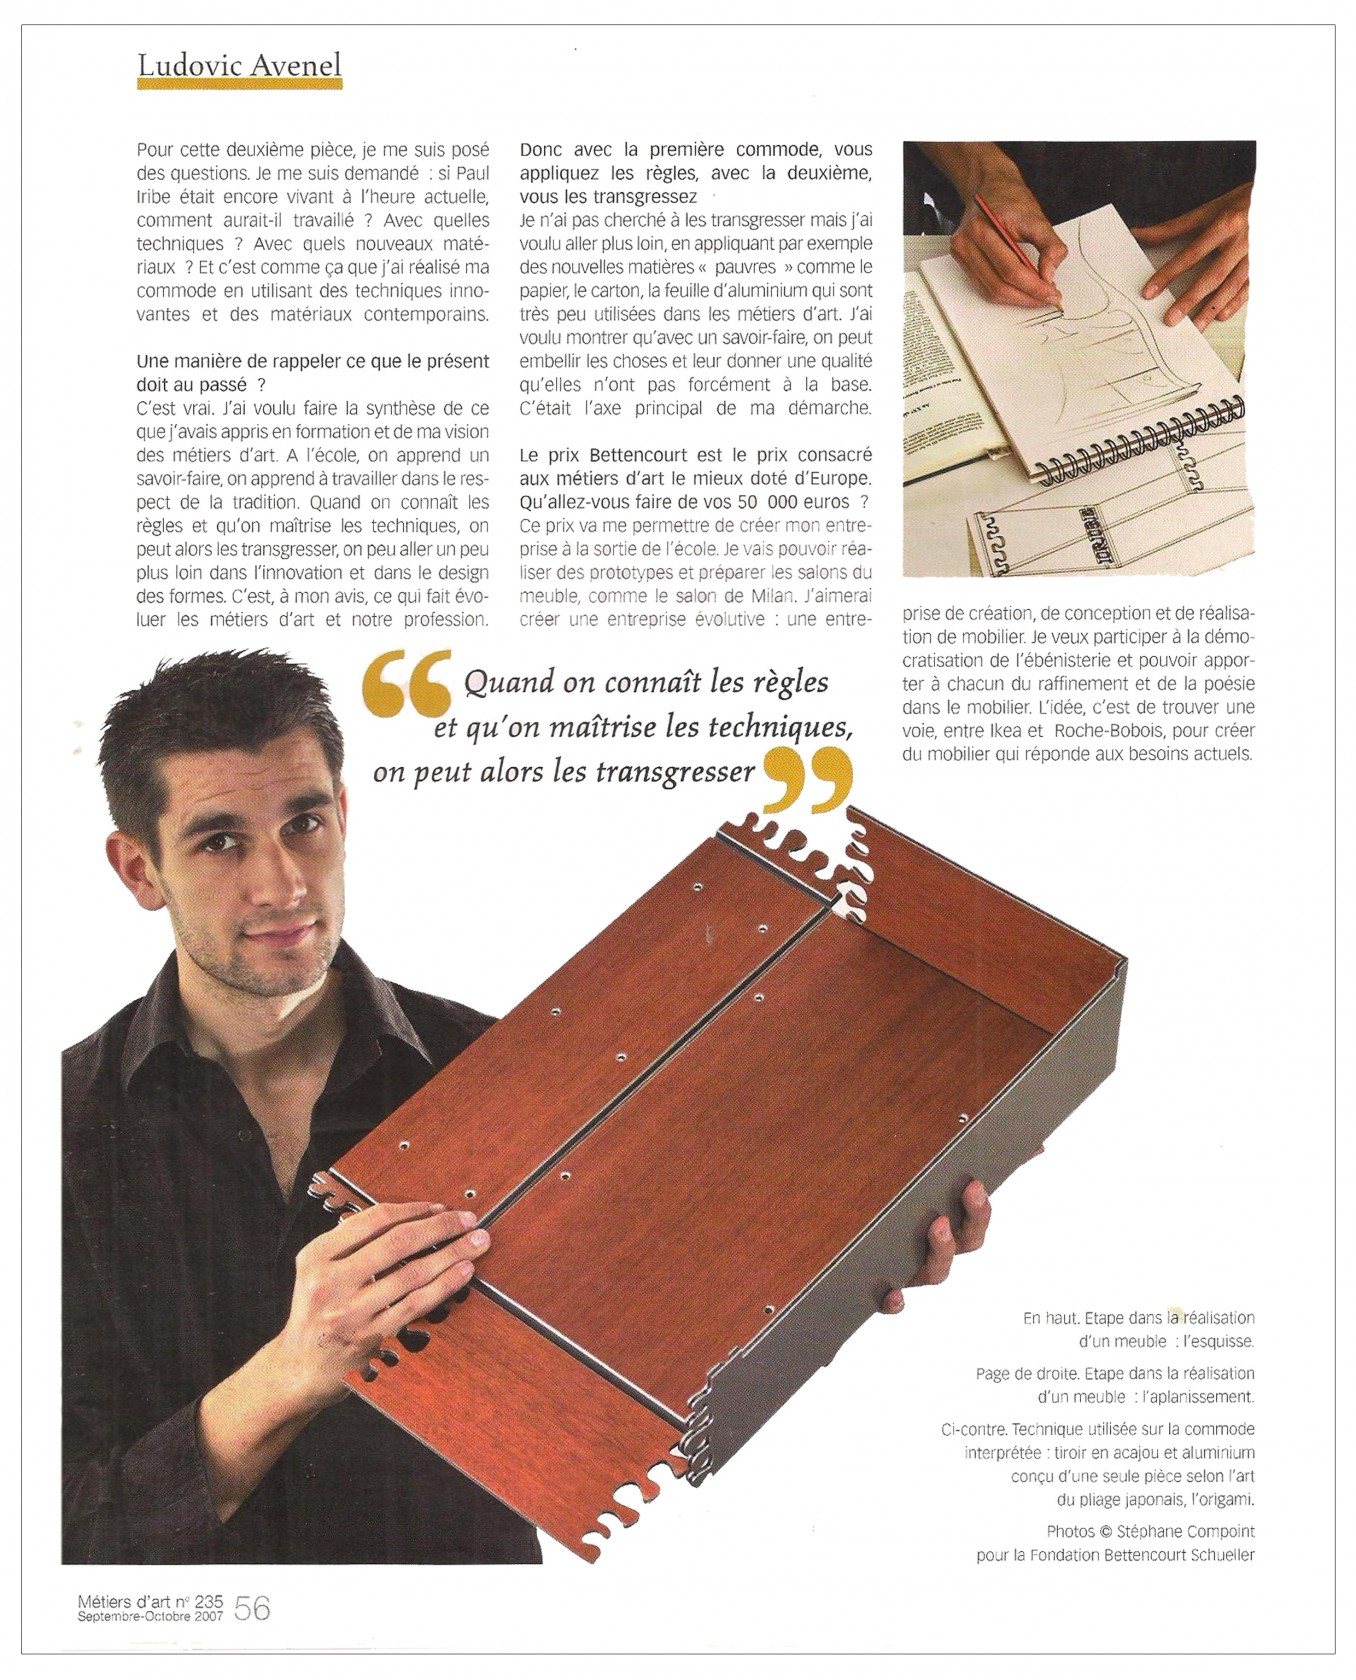 Ludovic AVENEL : ébéniste créateur Paris - Ludovic_Avenel_press_métiers d'art_ebeniste_créateur_design_sur mesure_4